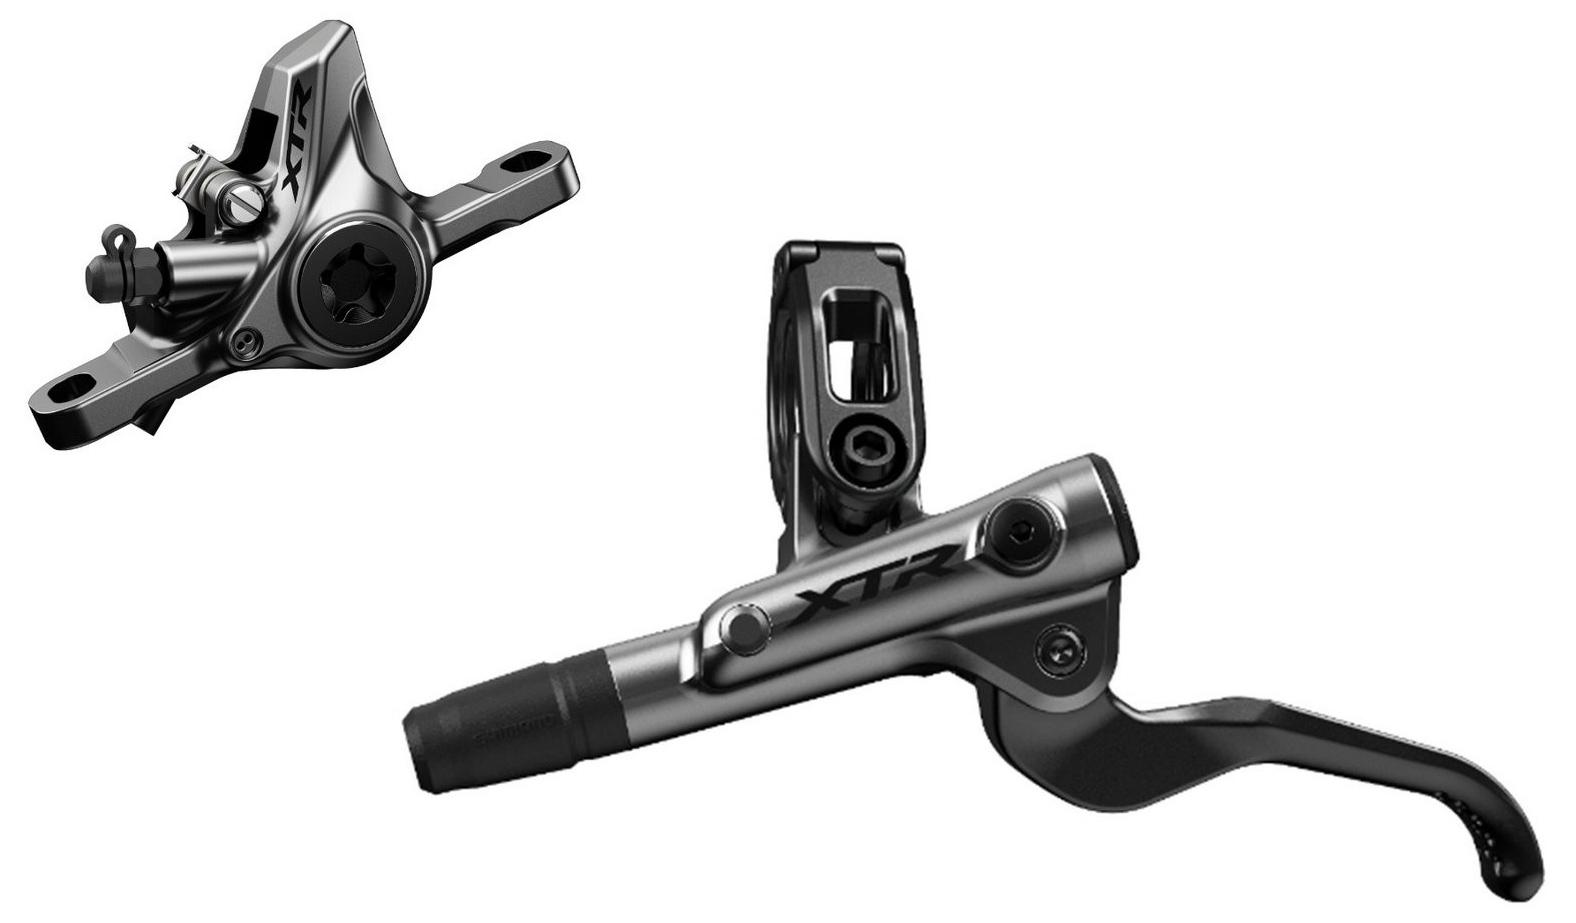 Запчасть Shimano XTR, M9100, BL(лев)/BR(передн) (IM9100KLFPMA100) перекл передн shimano xtr fd m9020e 2x11v боковая тяга